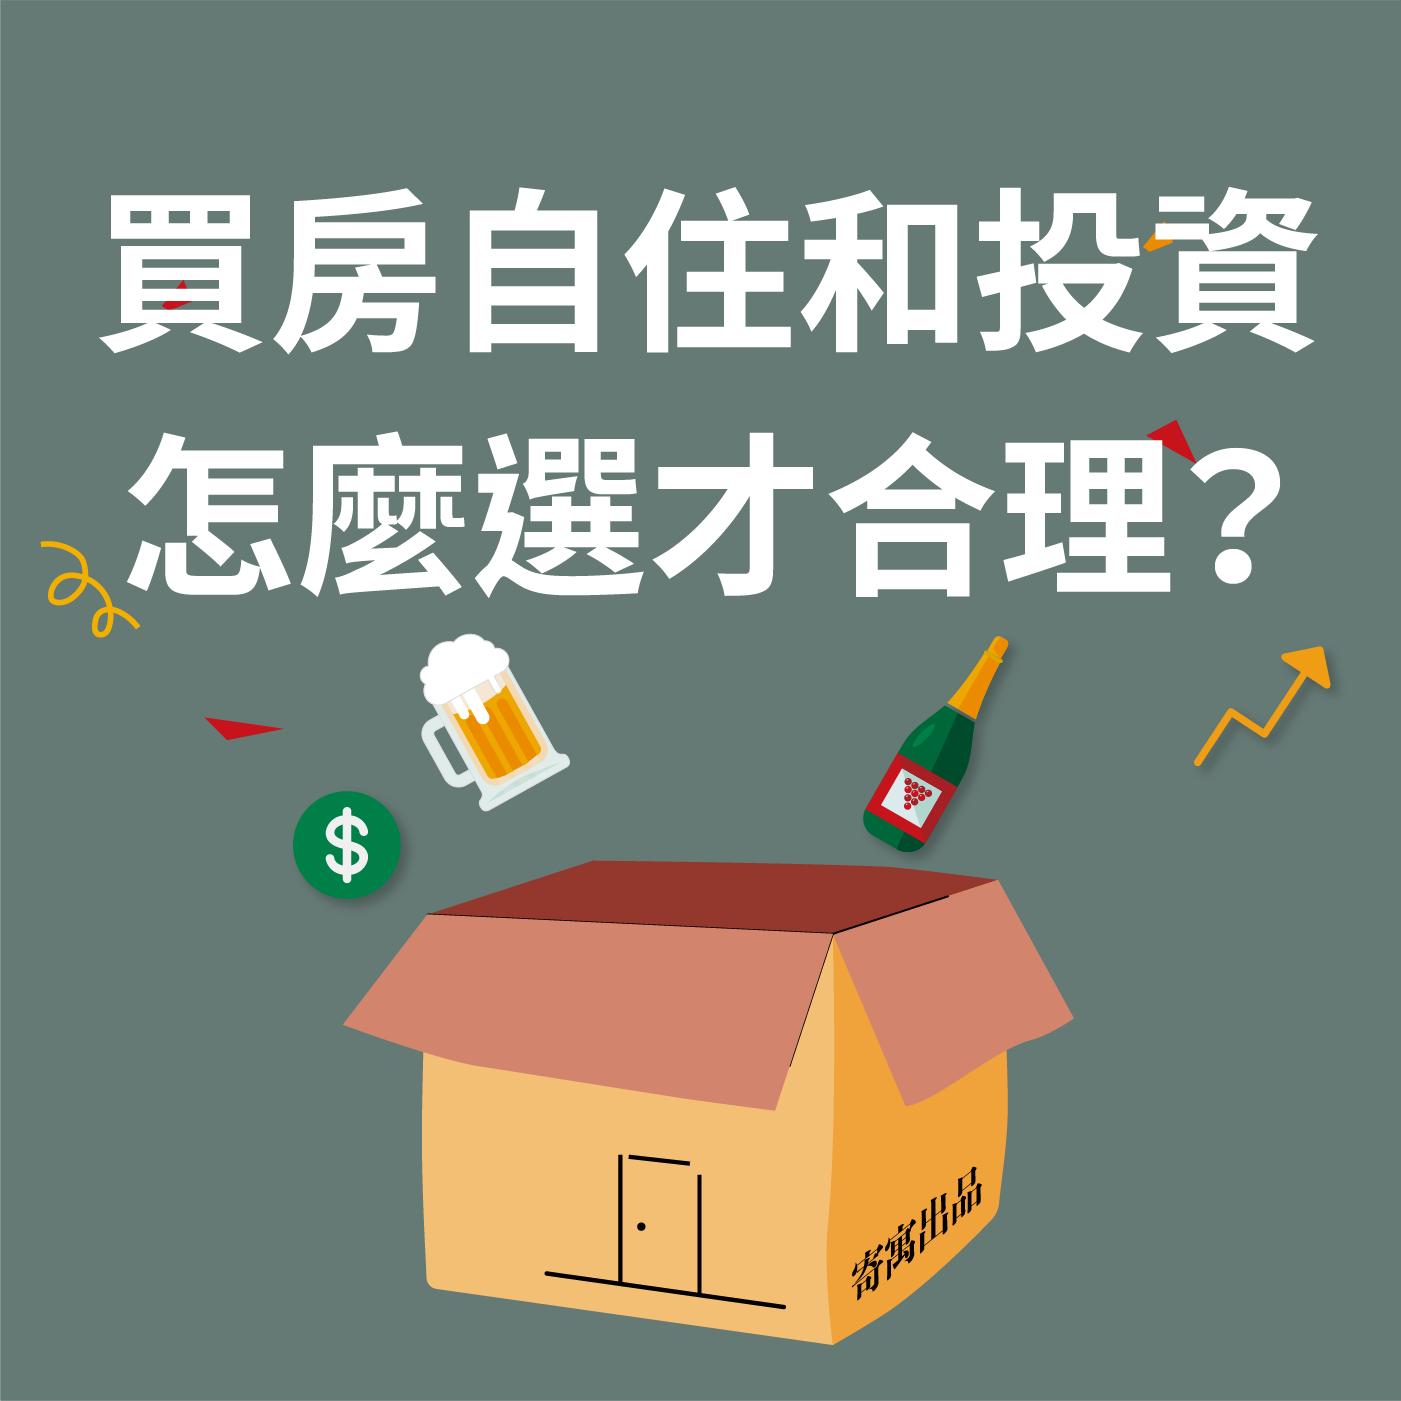 【買房攻略】買房自住或投資怎麼選才合理?|S3 EP2 歐本豪斯 Open House